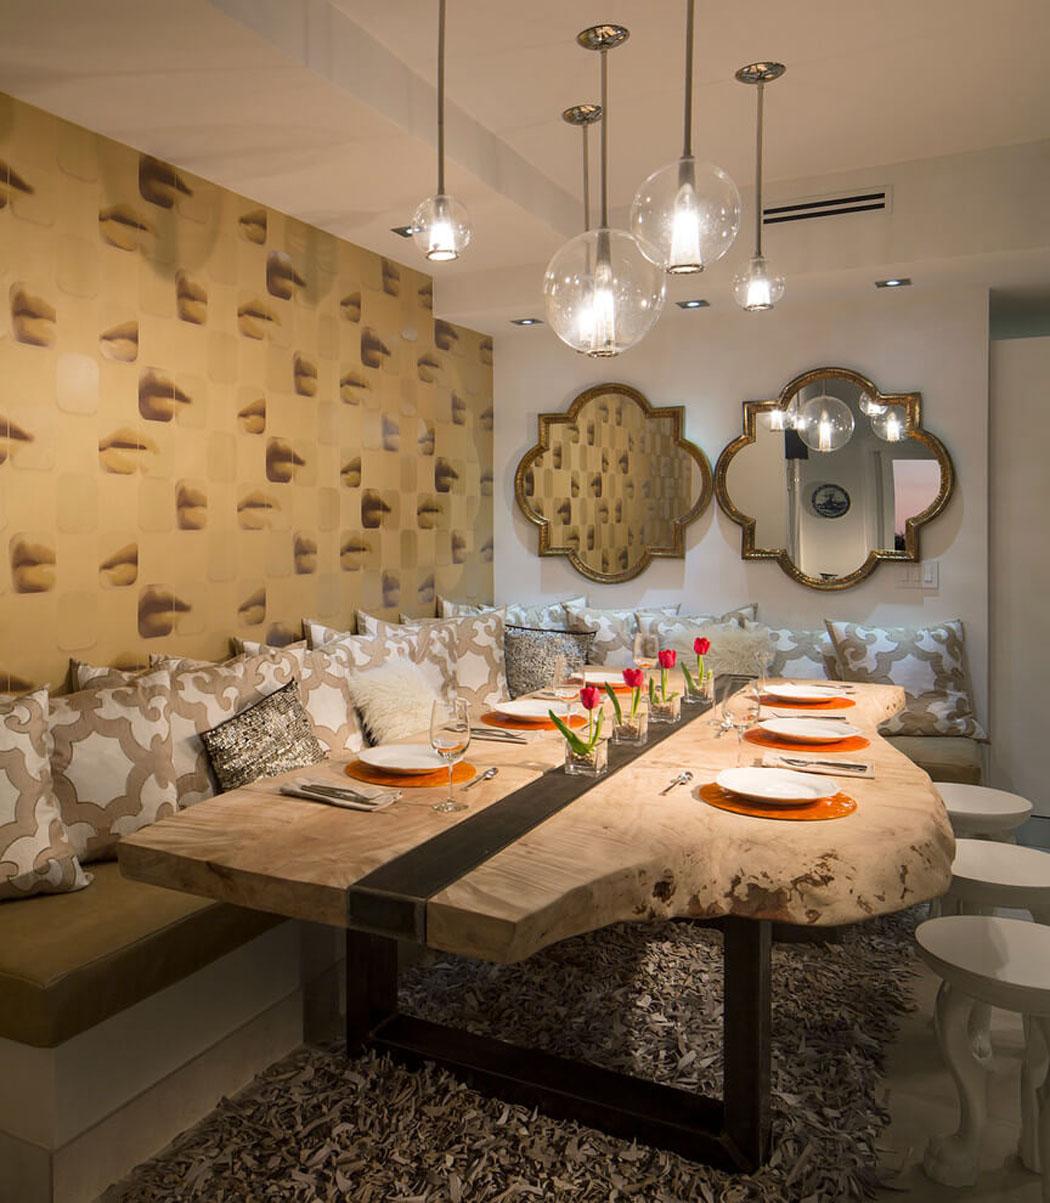 Appartement design luxe avec superbe vue sur la mer for Table originale salle manger